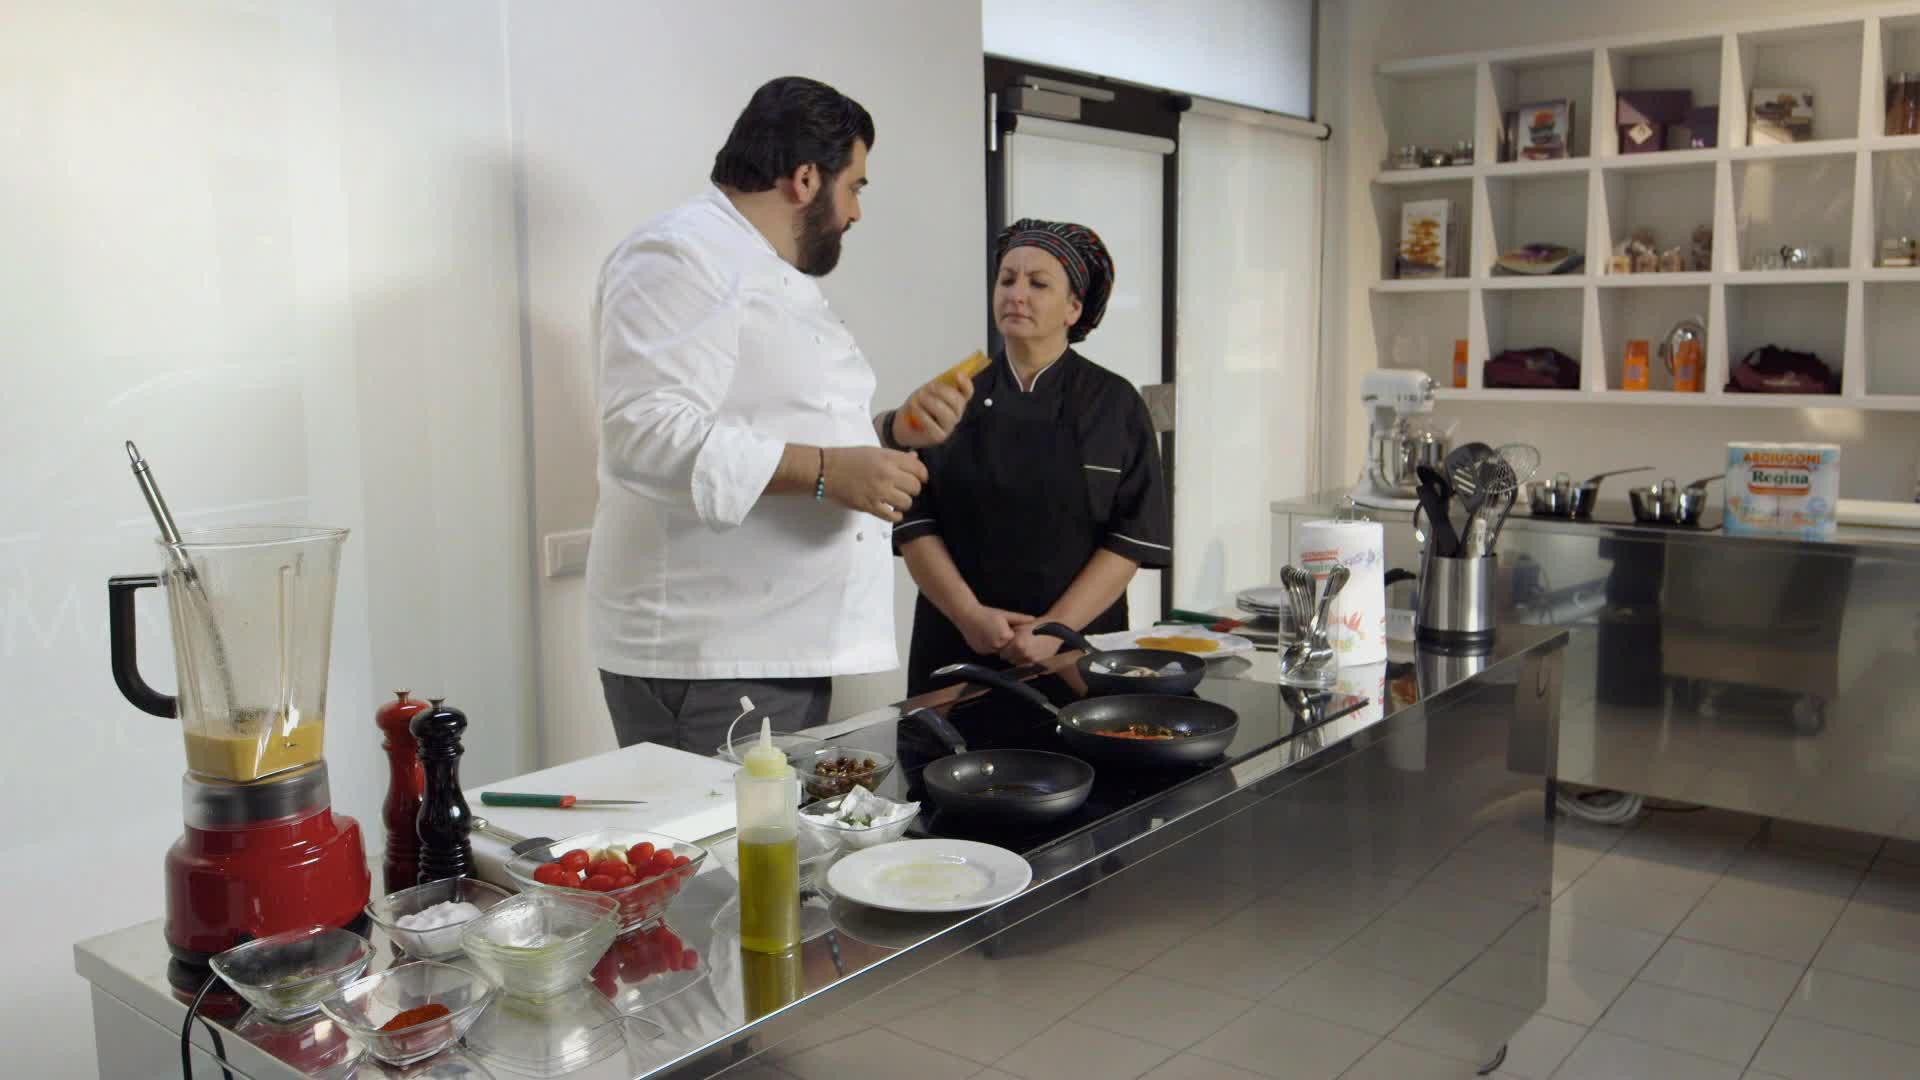 Cucine da incubo italia antonino cannavacciuolo a castiglione delle stiviere con knam dplay - Cucine da incubo stagione 5 ...